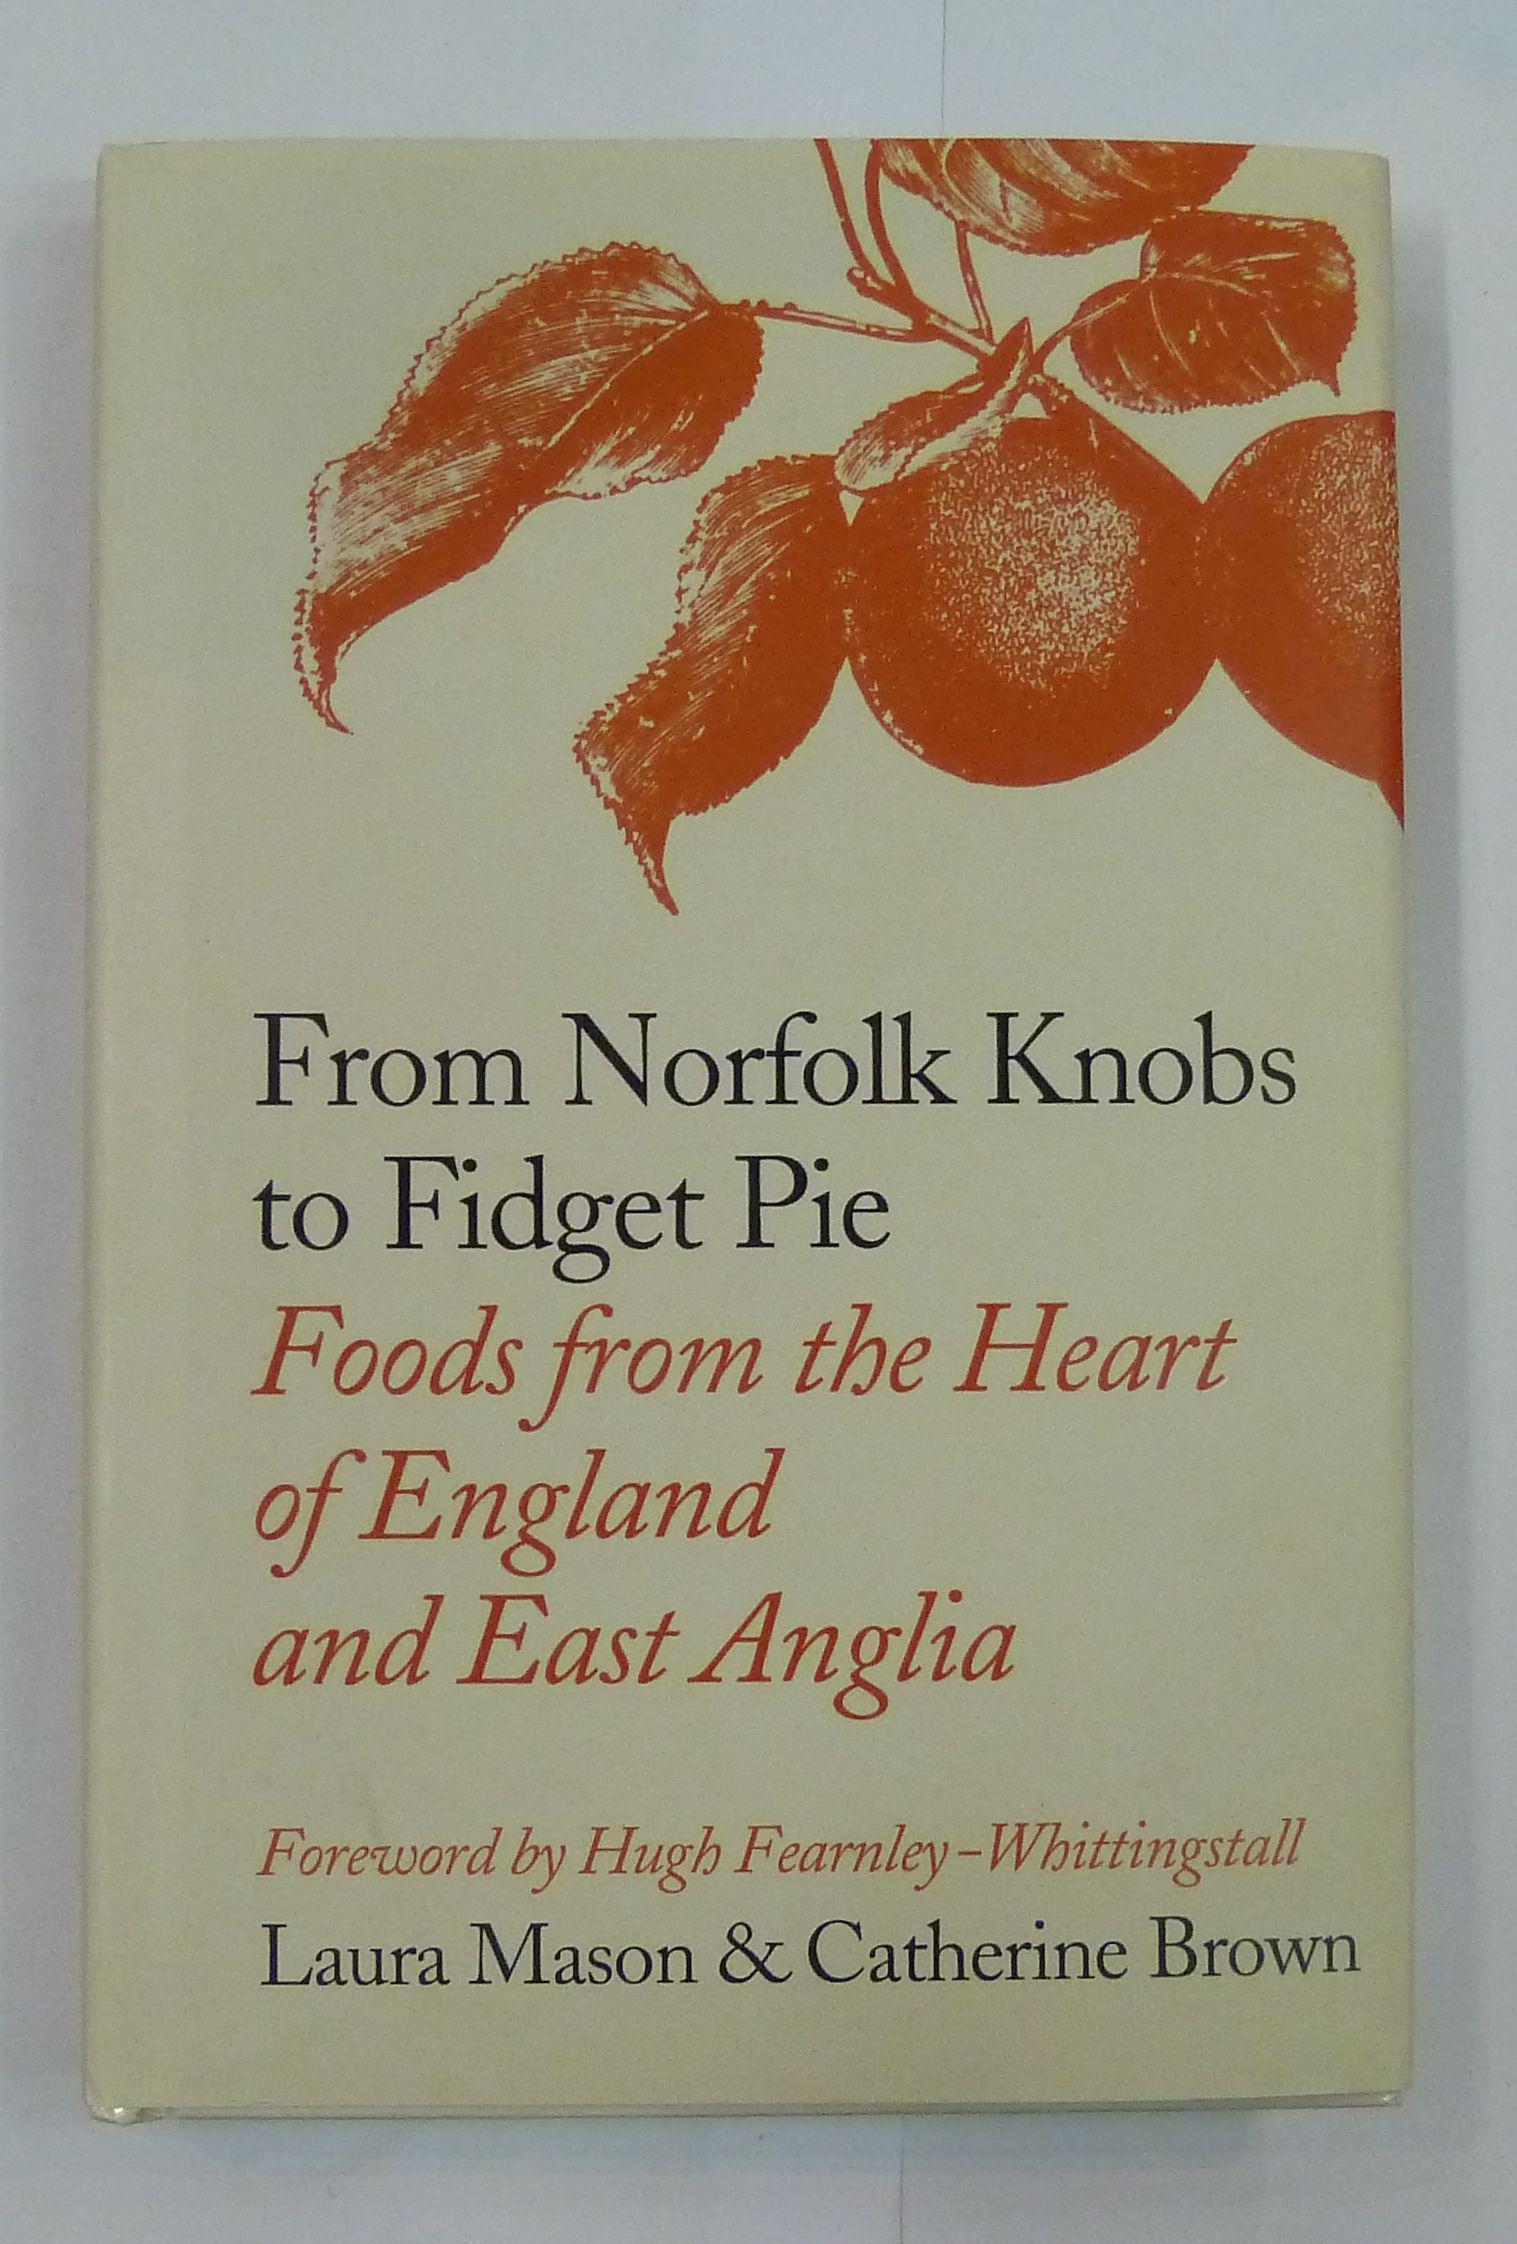 From Norfolk Knobs to Fidget Pie